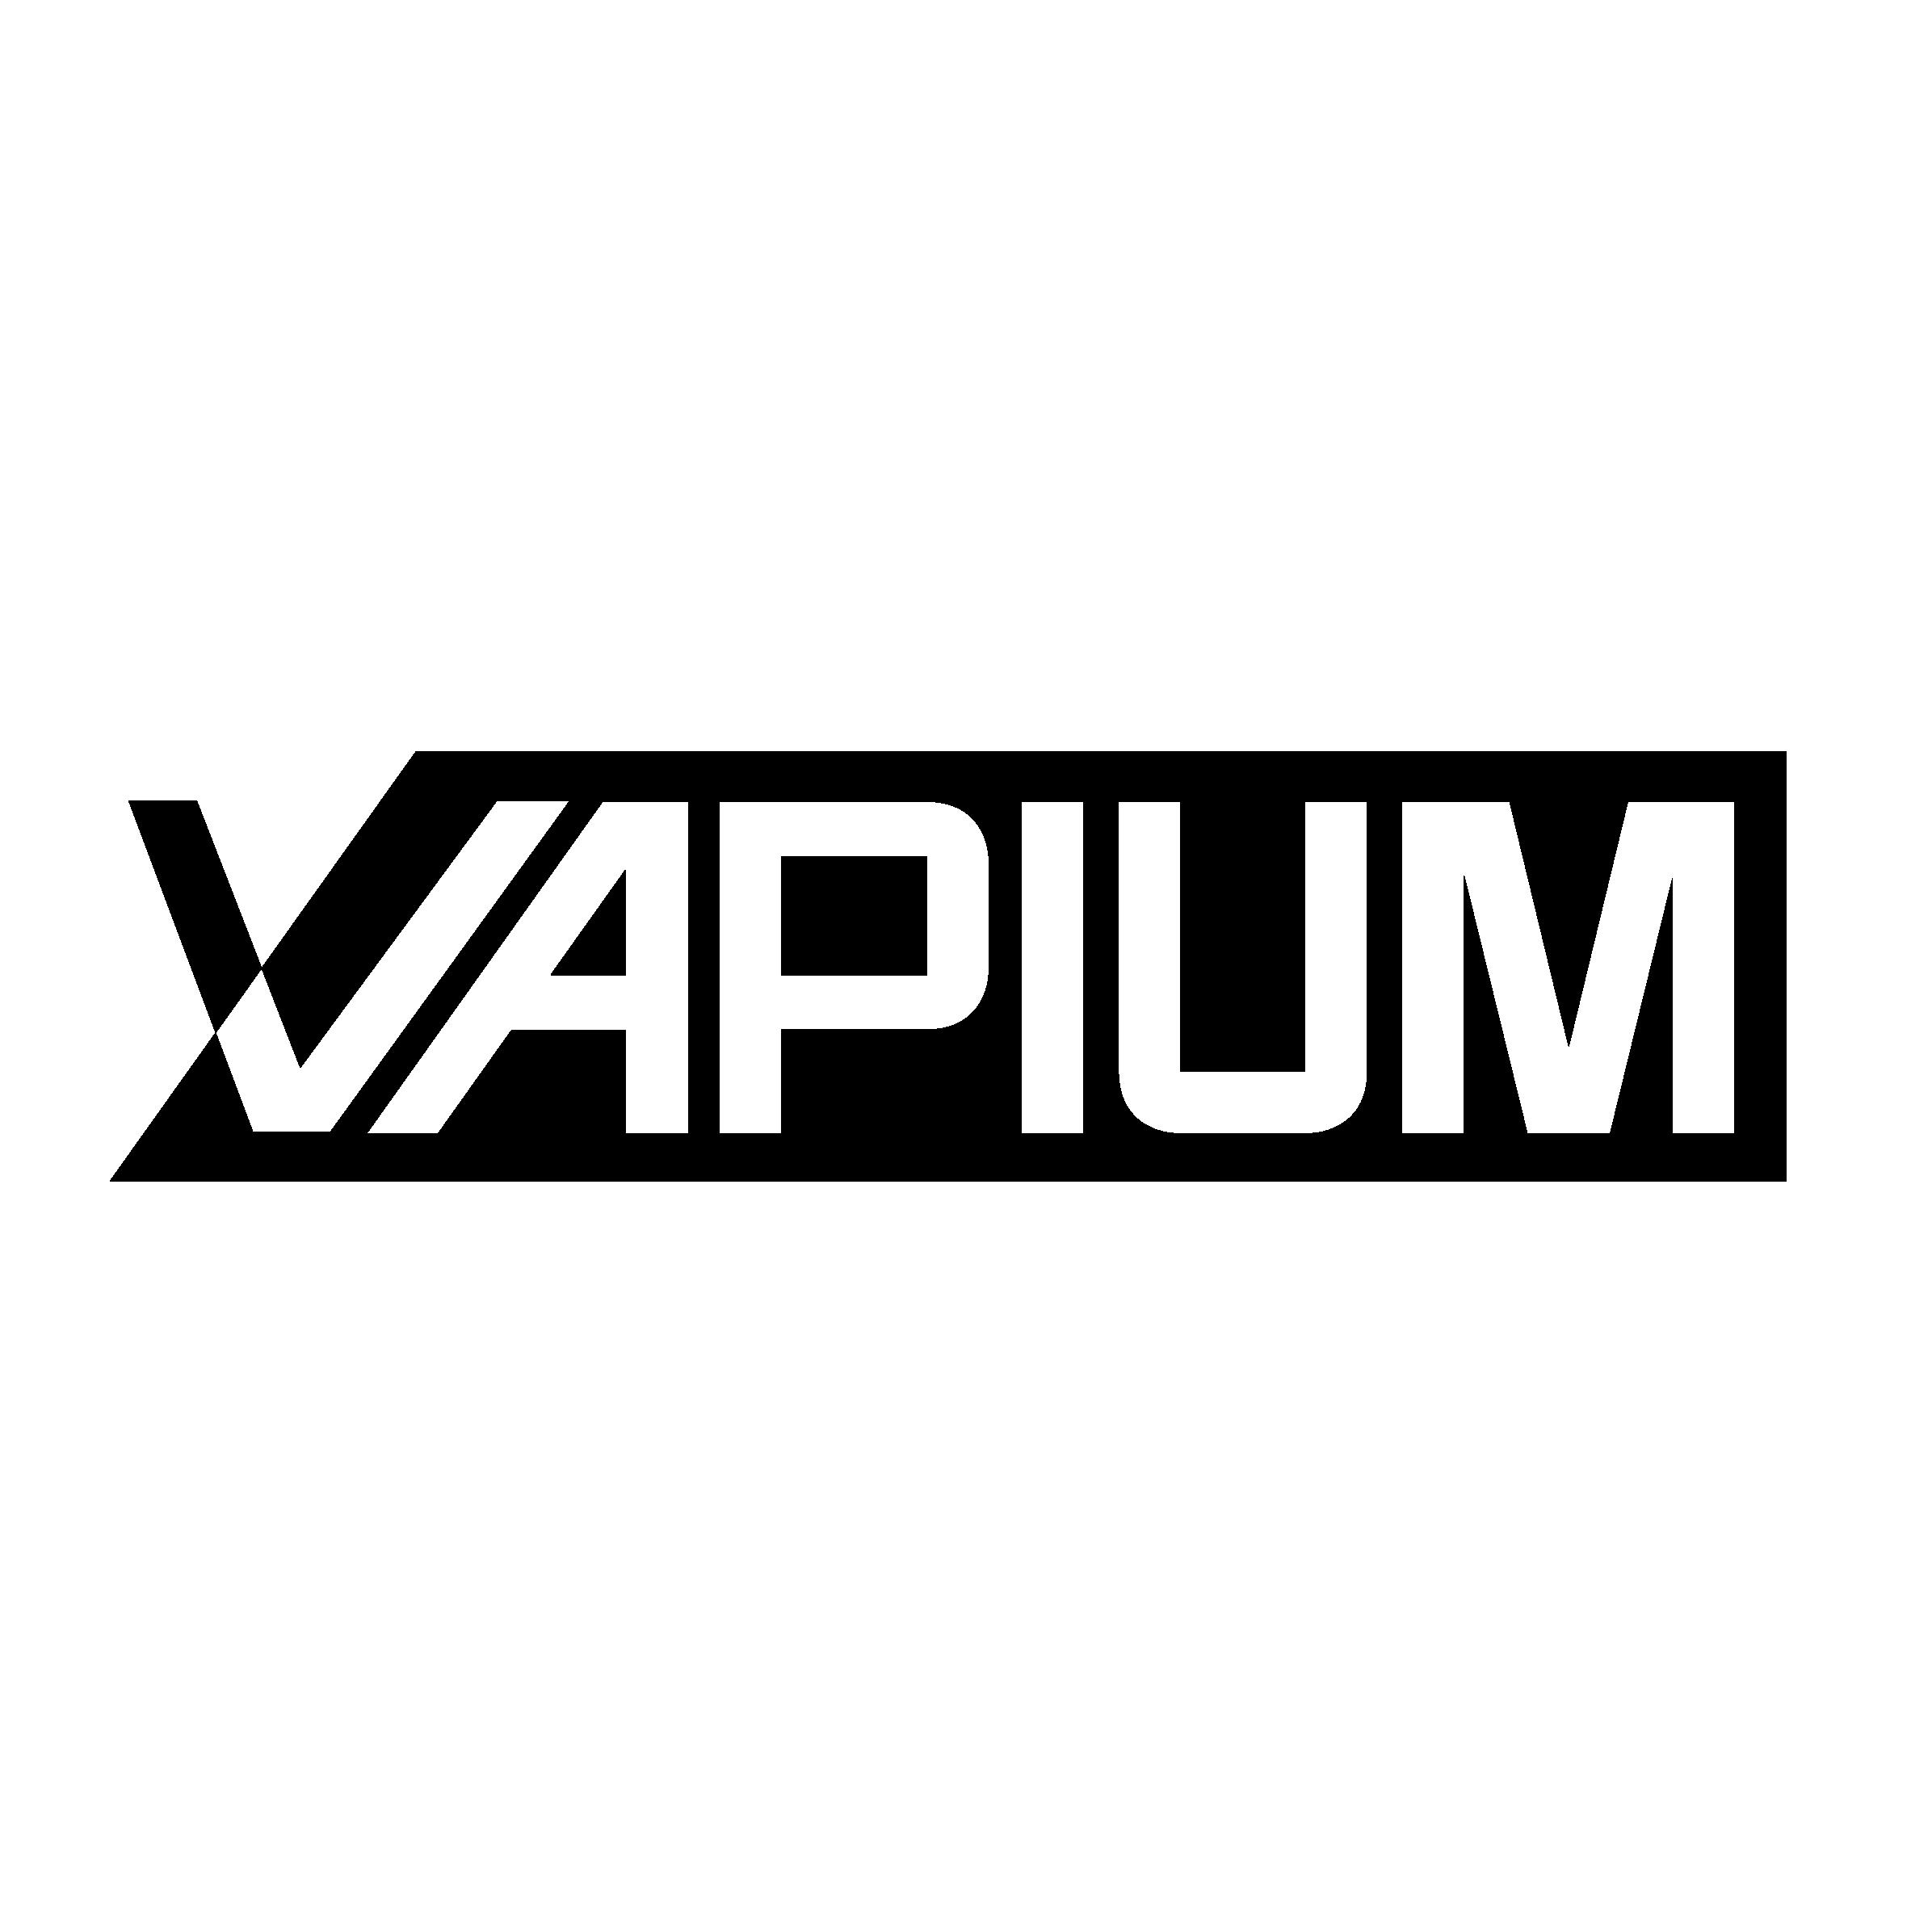 Vapium